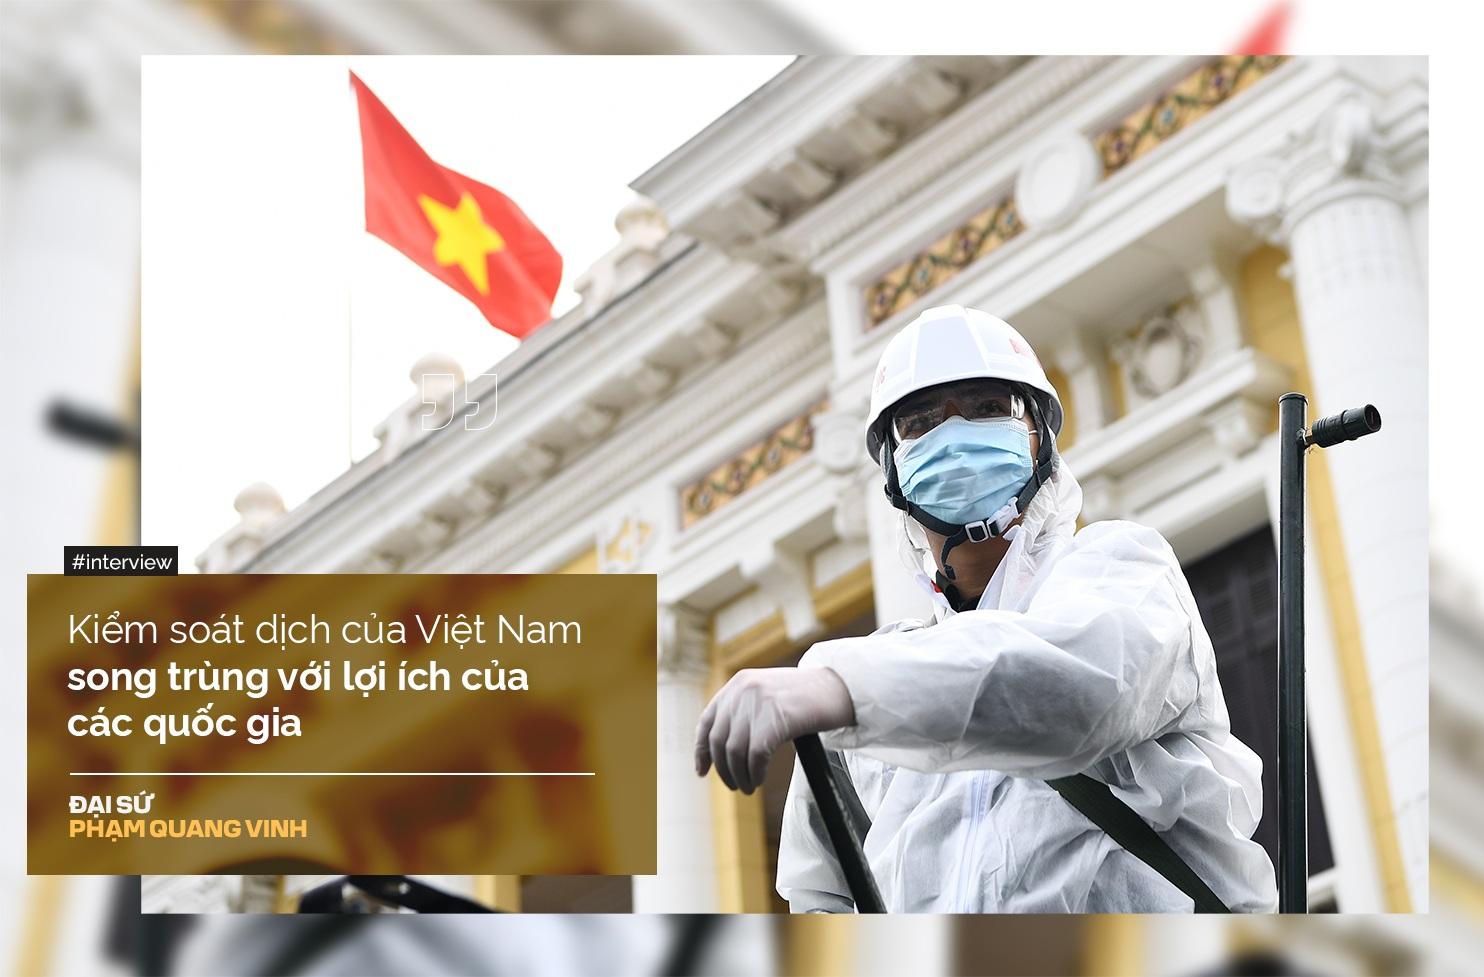 Nhận diện mắt xích Việt Nam và giá trị sức mạnh không thể tính bằng tiền - 10